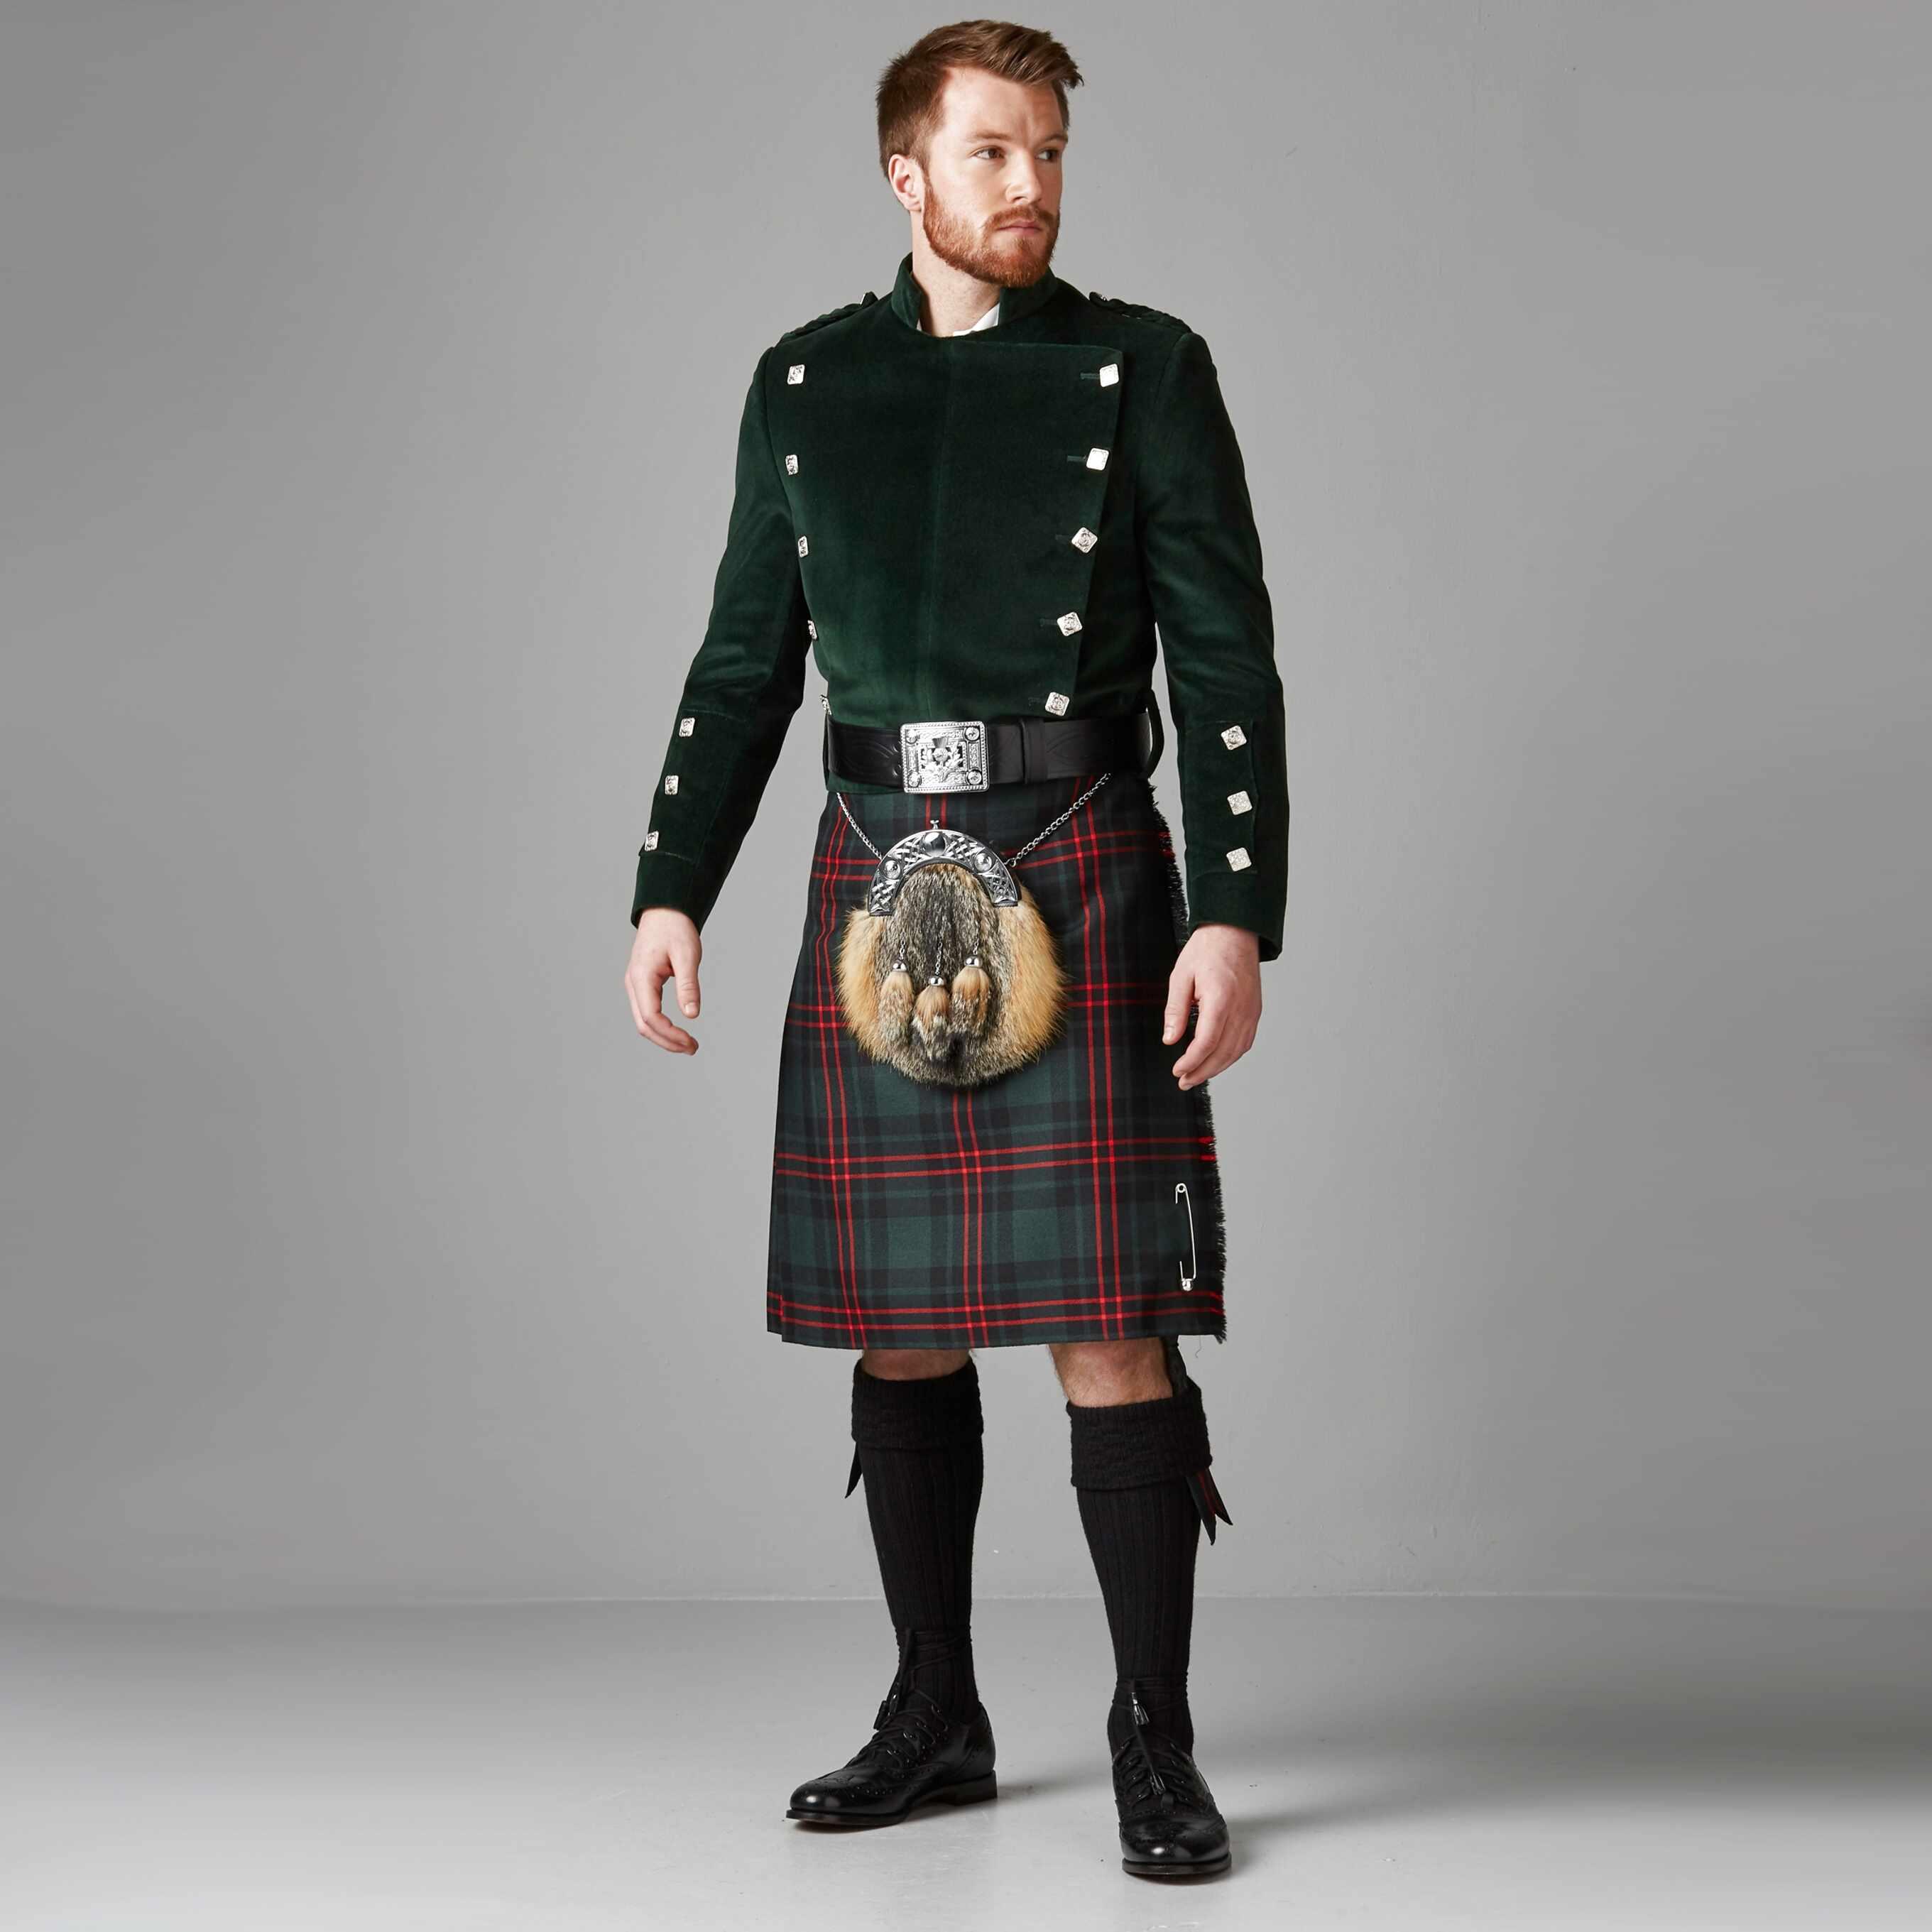 highland dress for sale